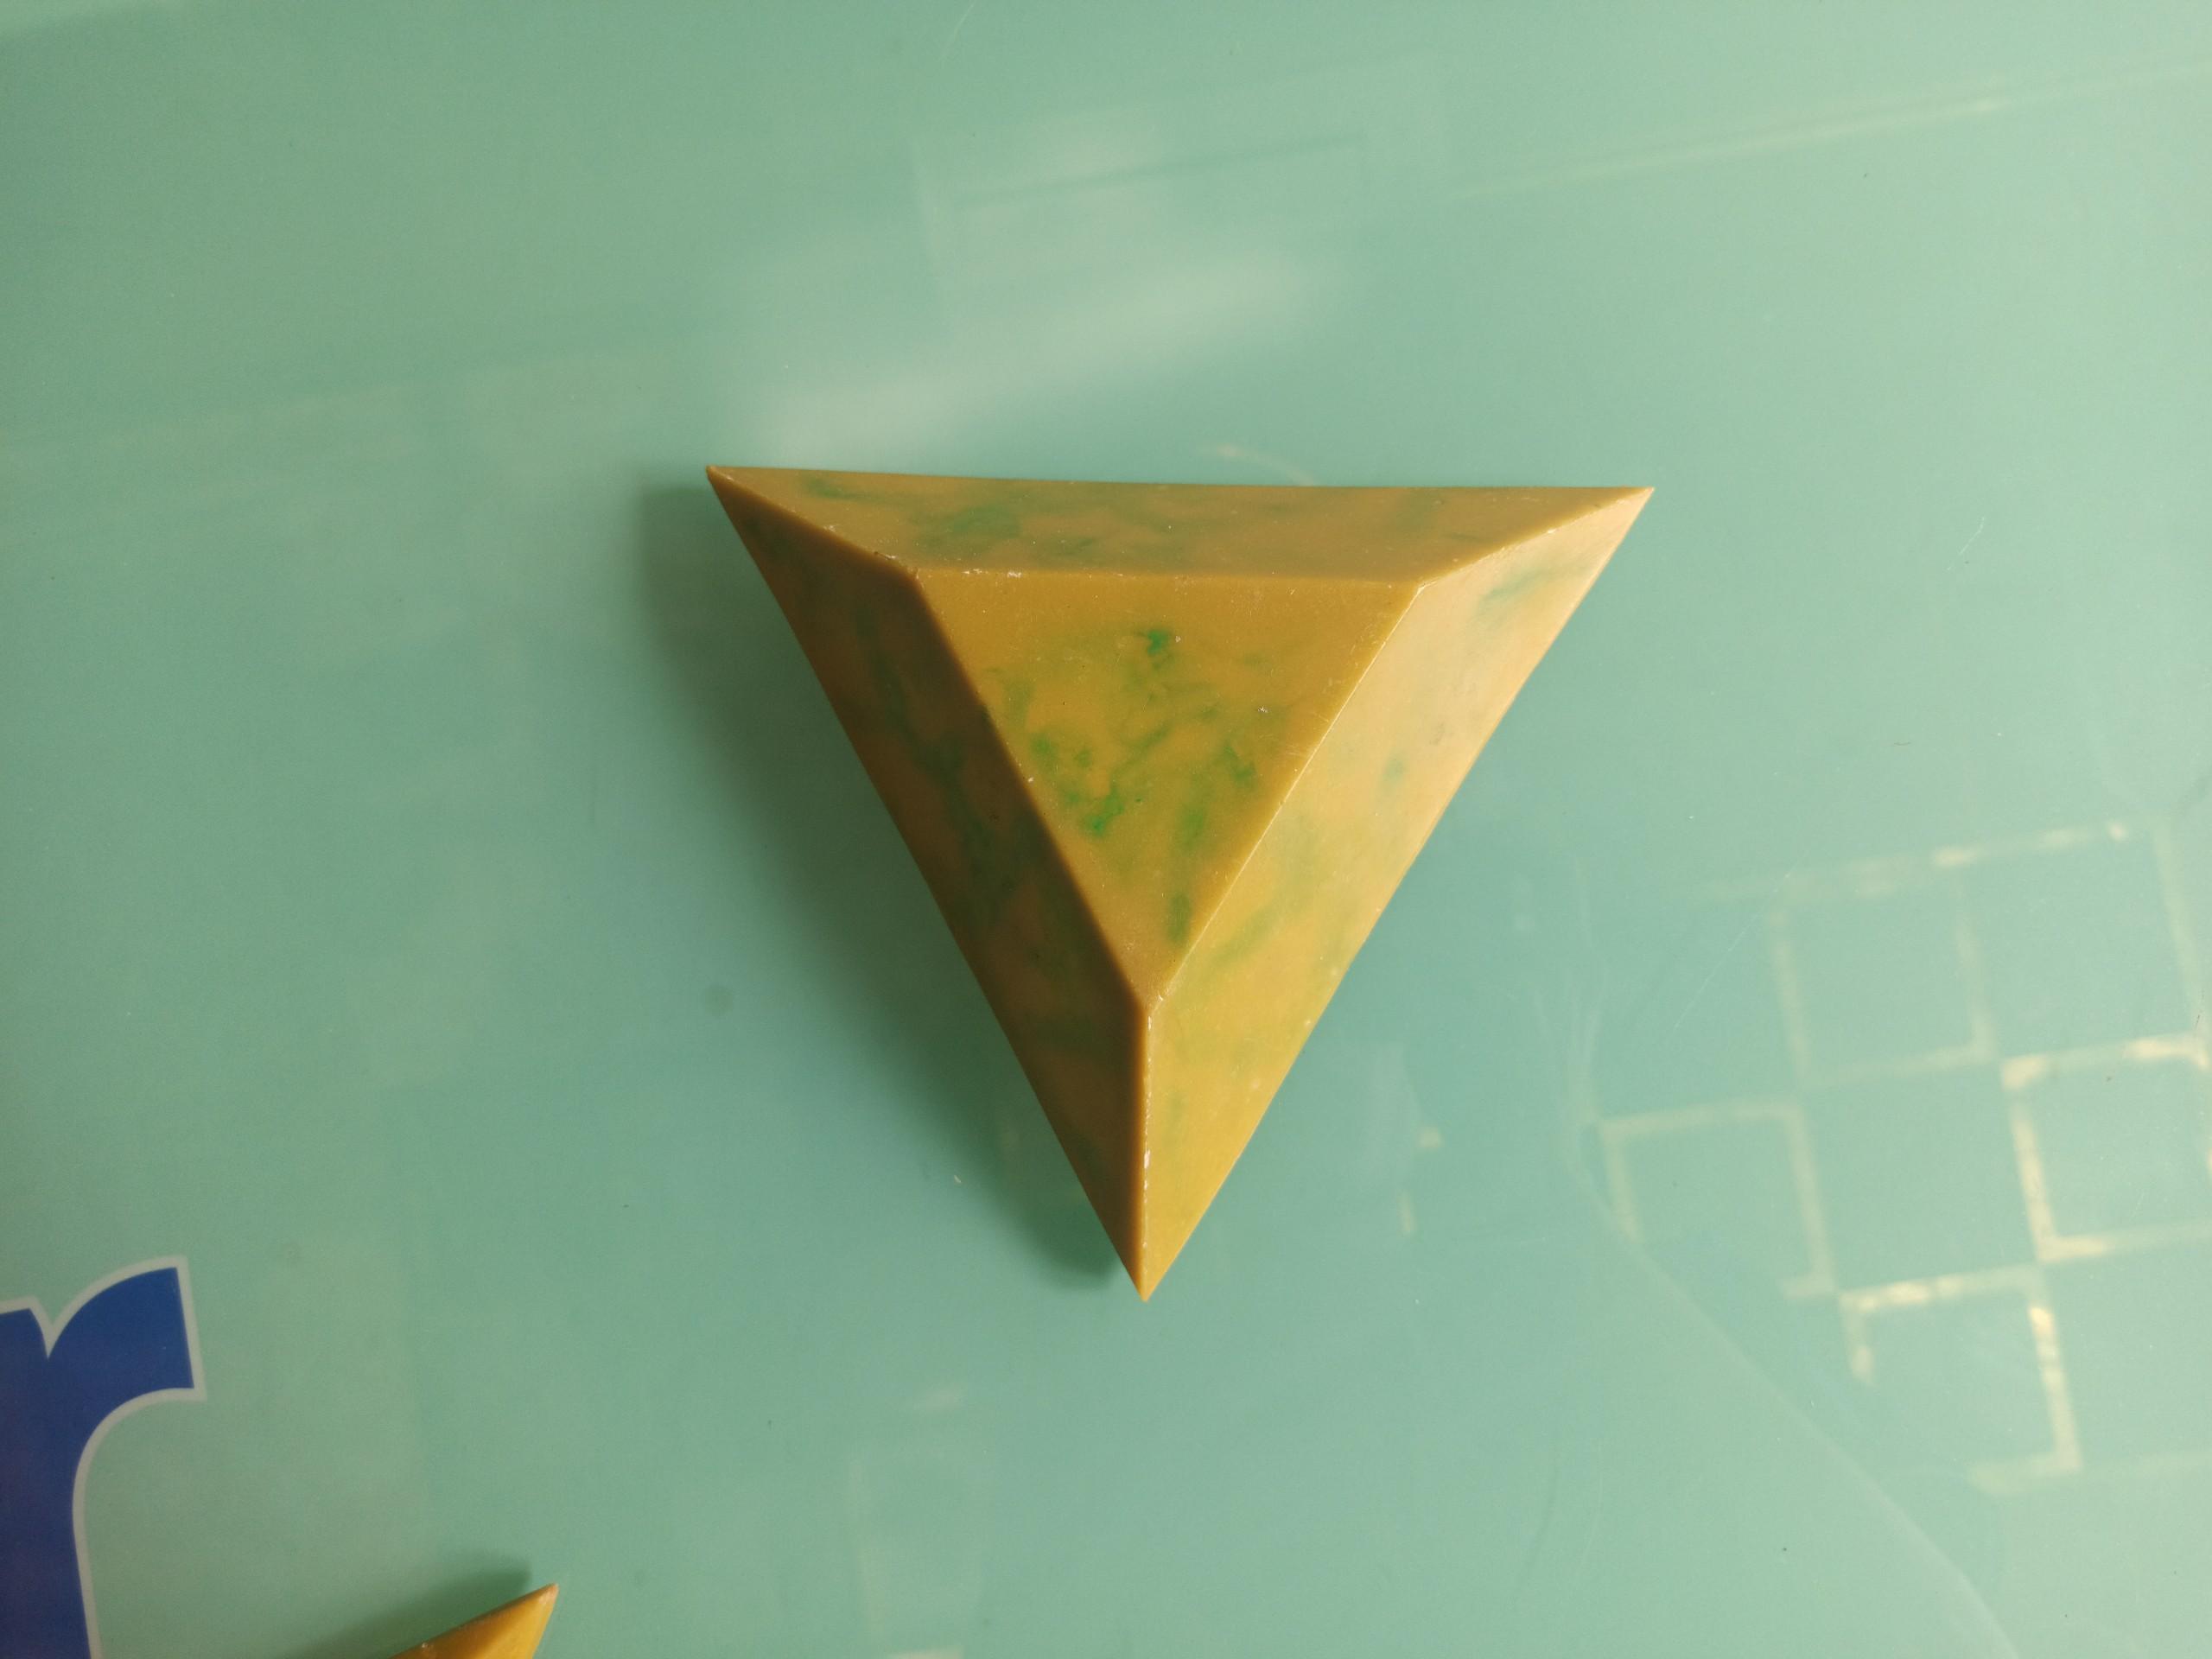 Khối tam giác cụt Luxer